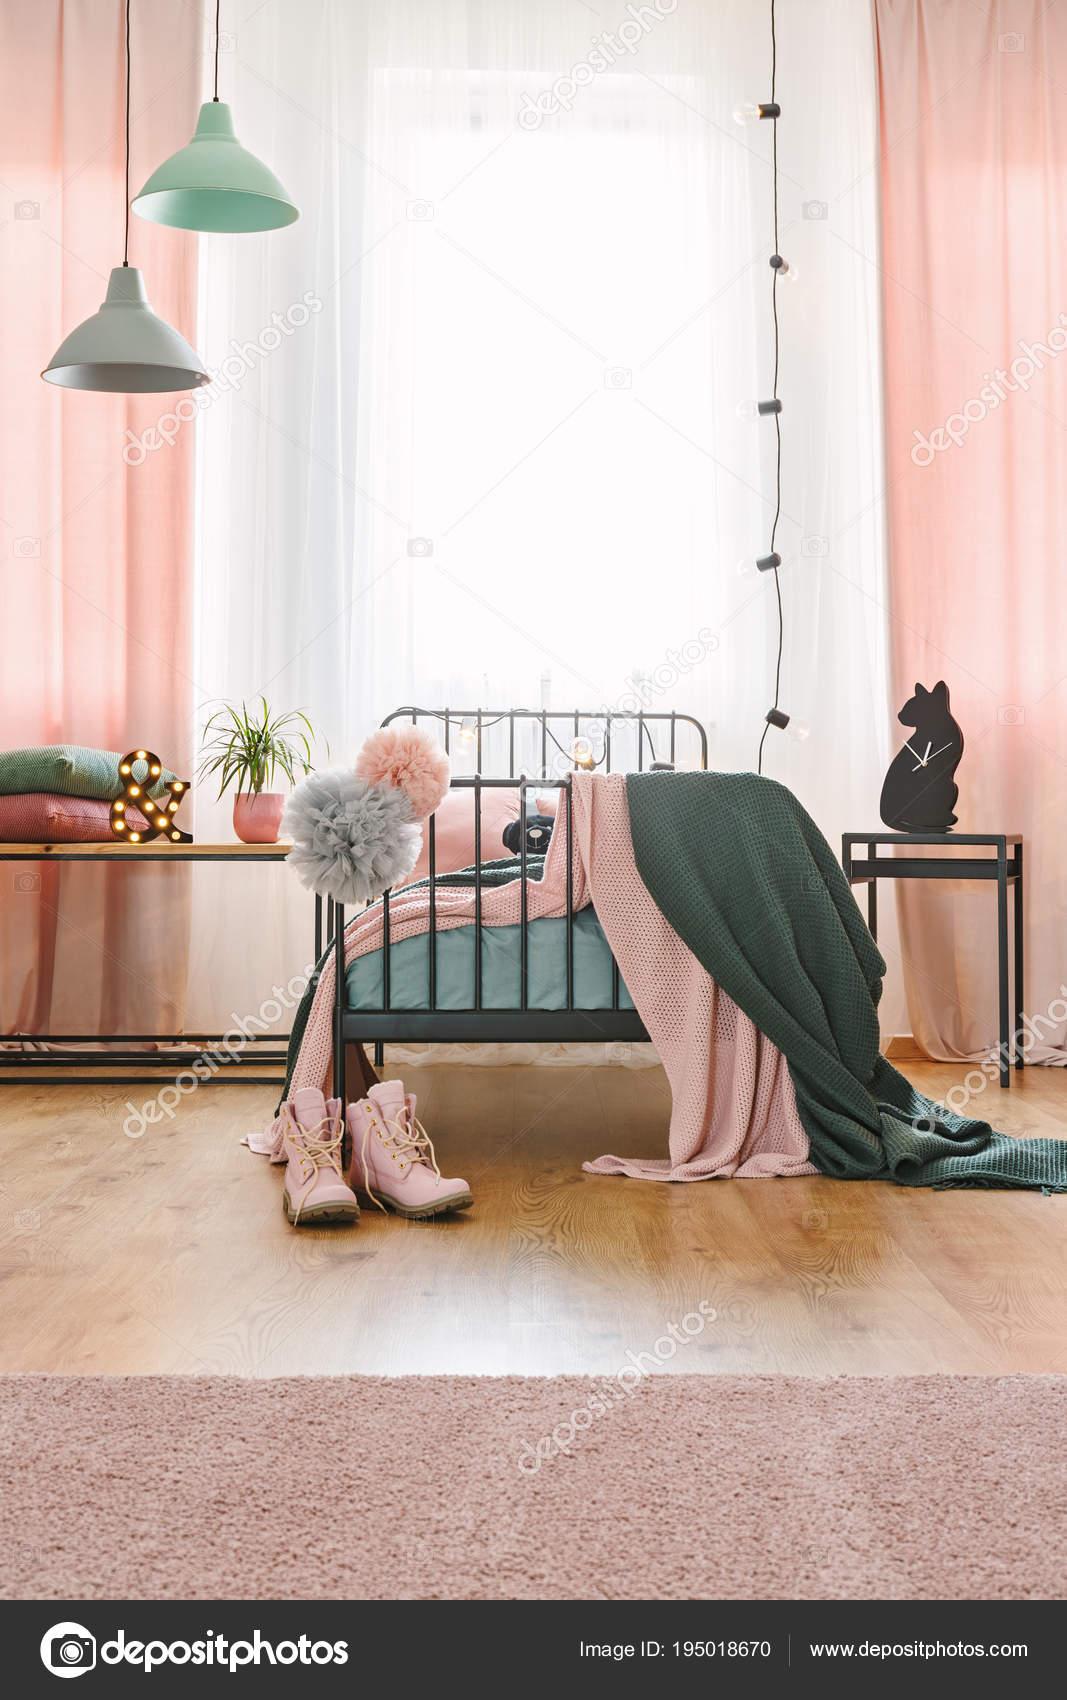 Decoration De Bulbes Dans Chambre Girly Photographie Photographee